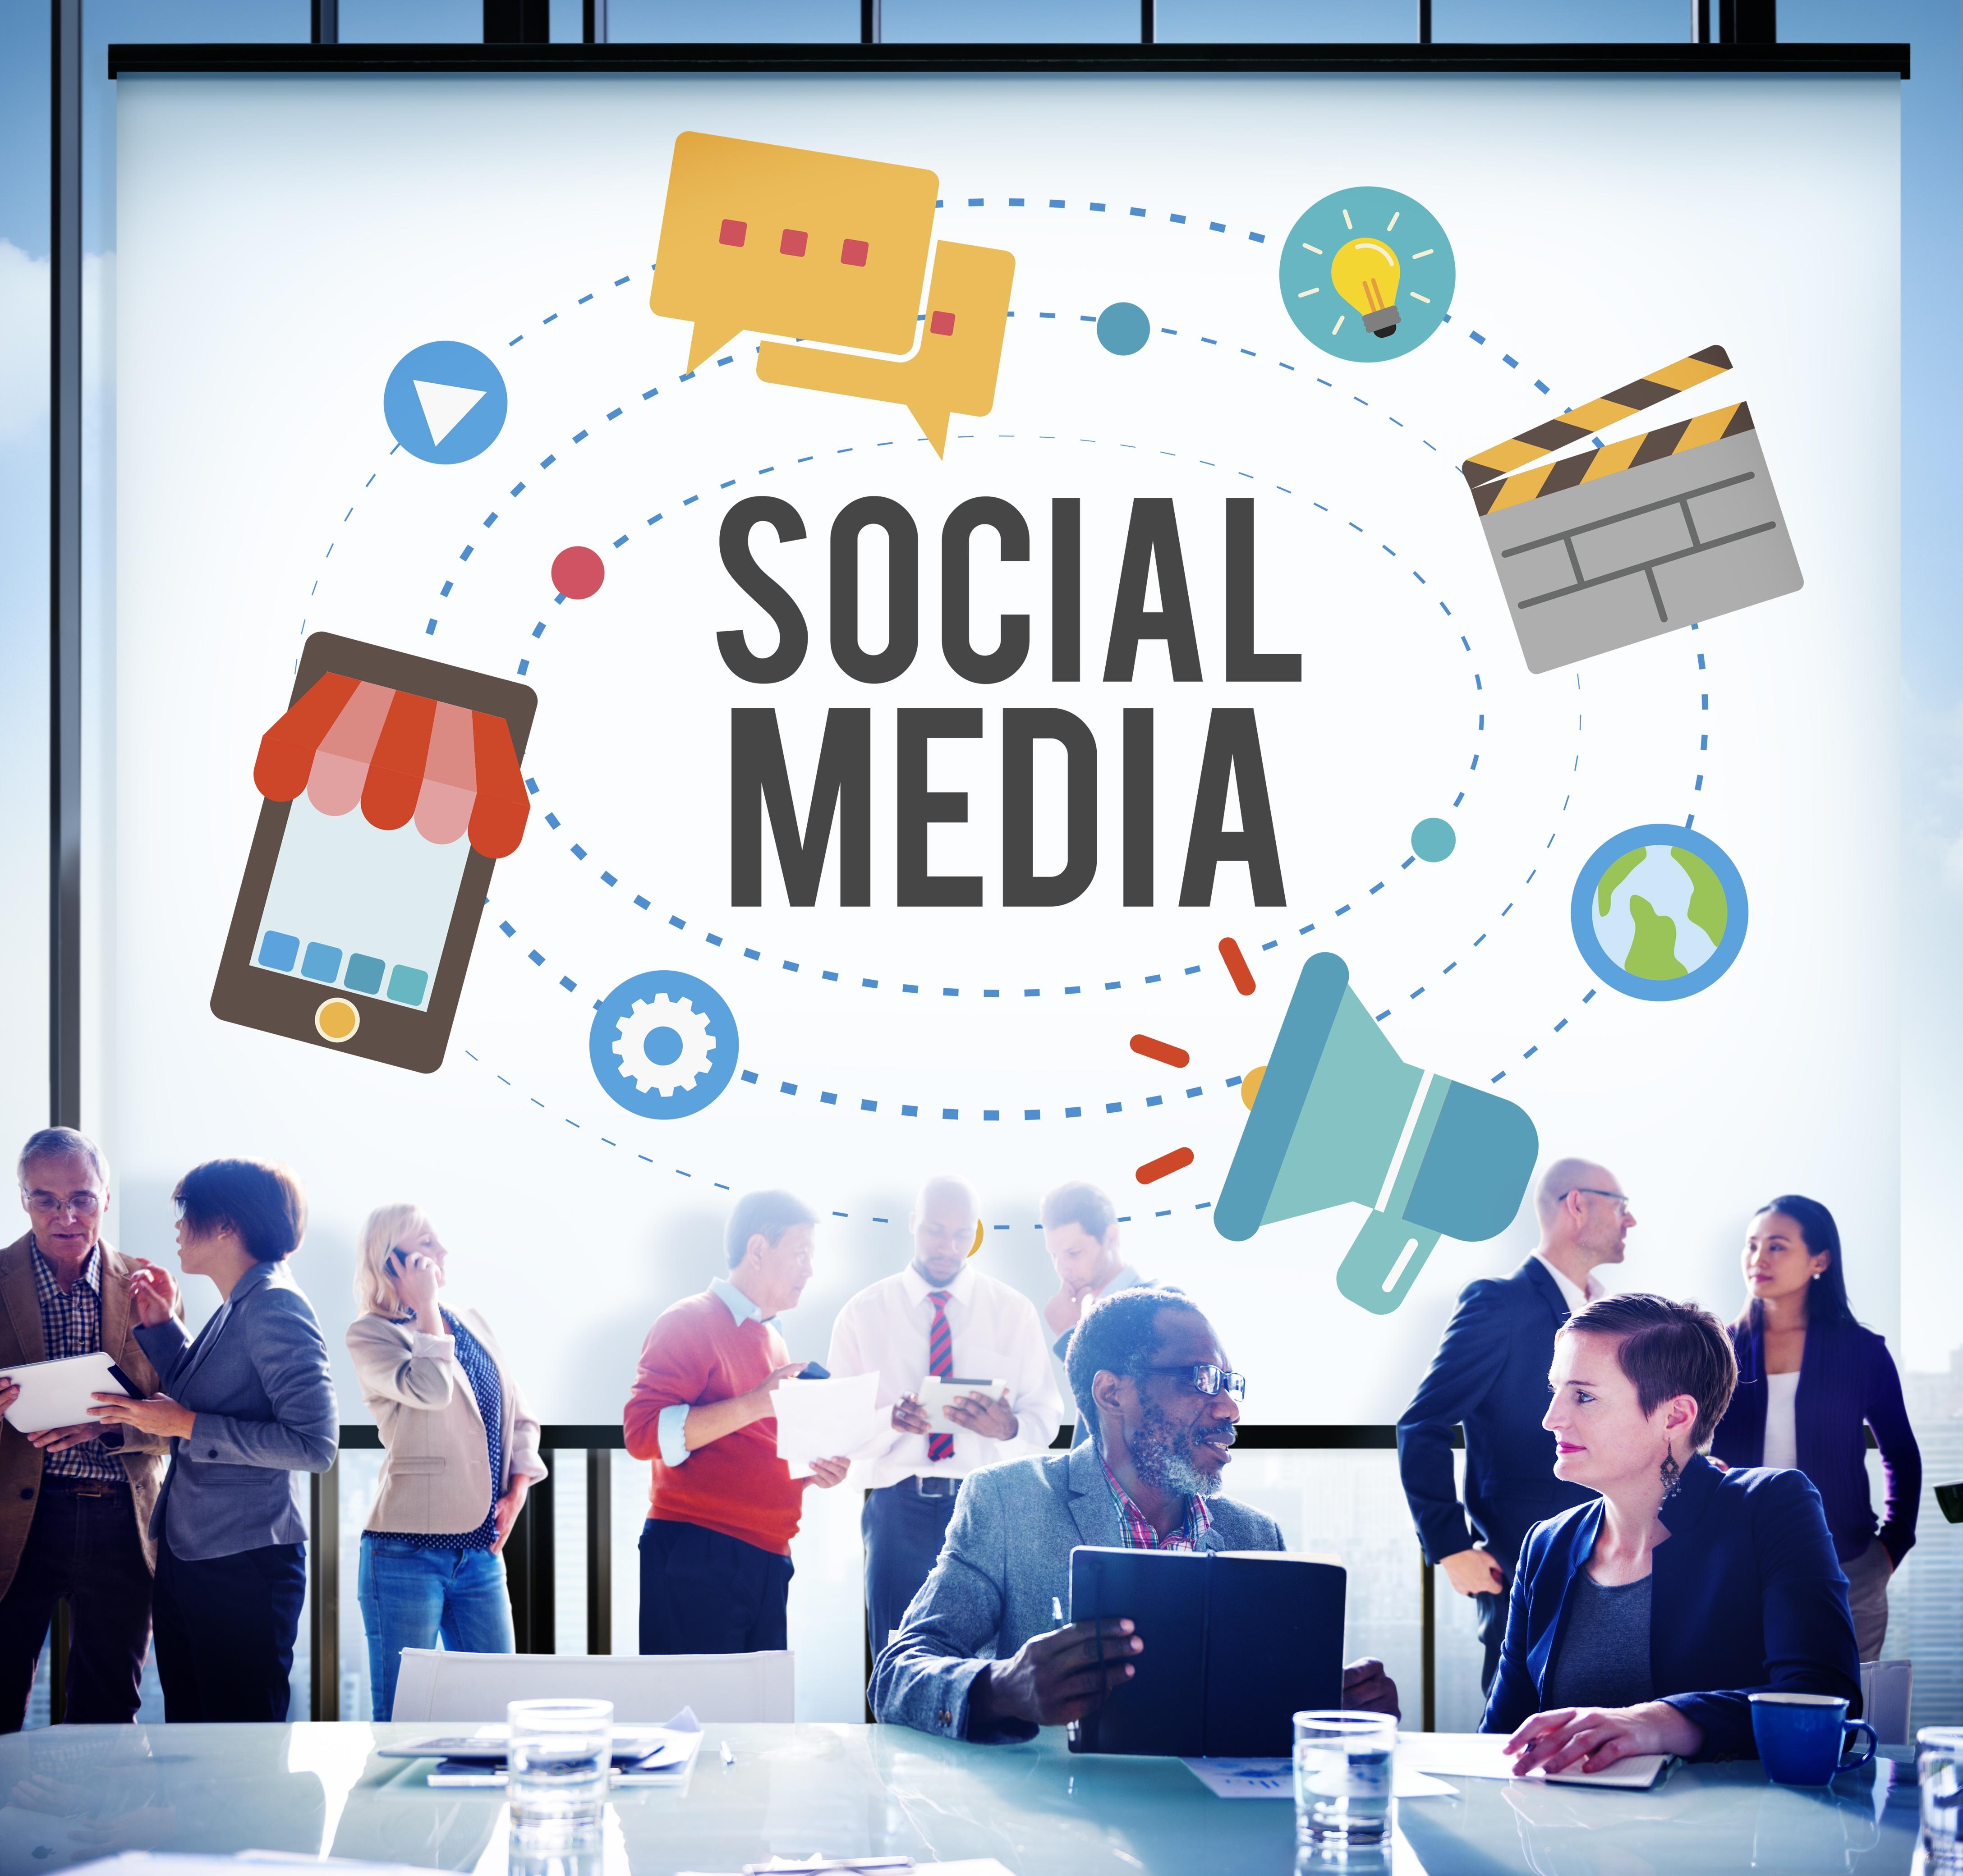 social-media-for-businesses.jpg